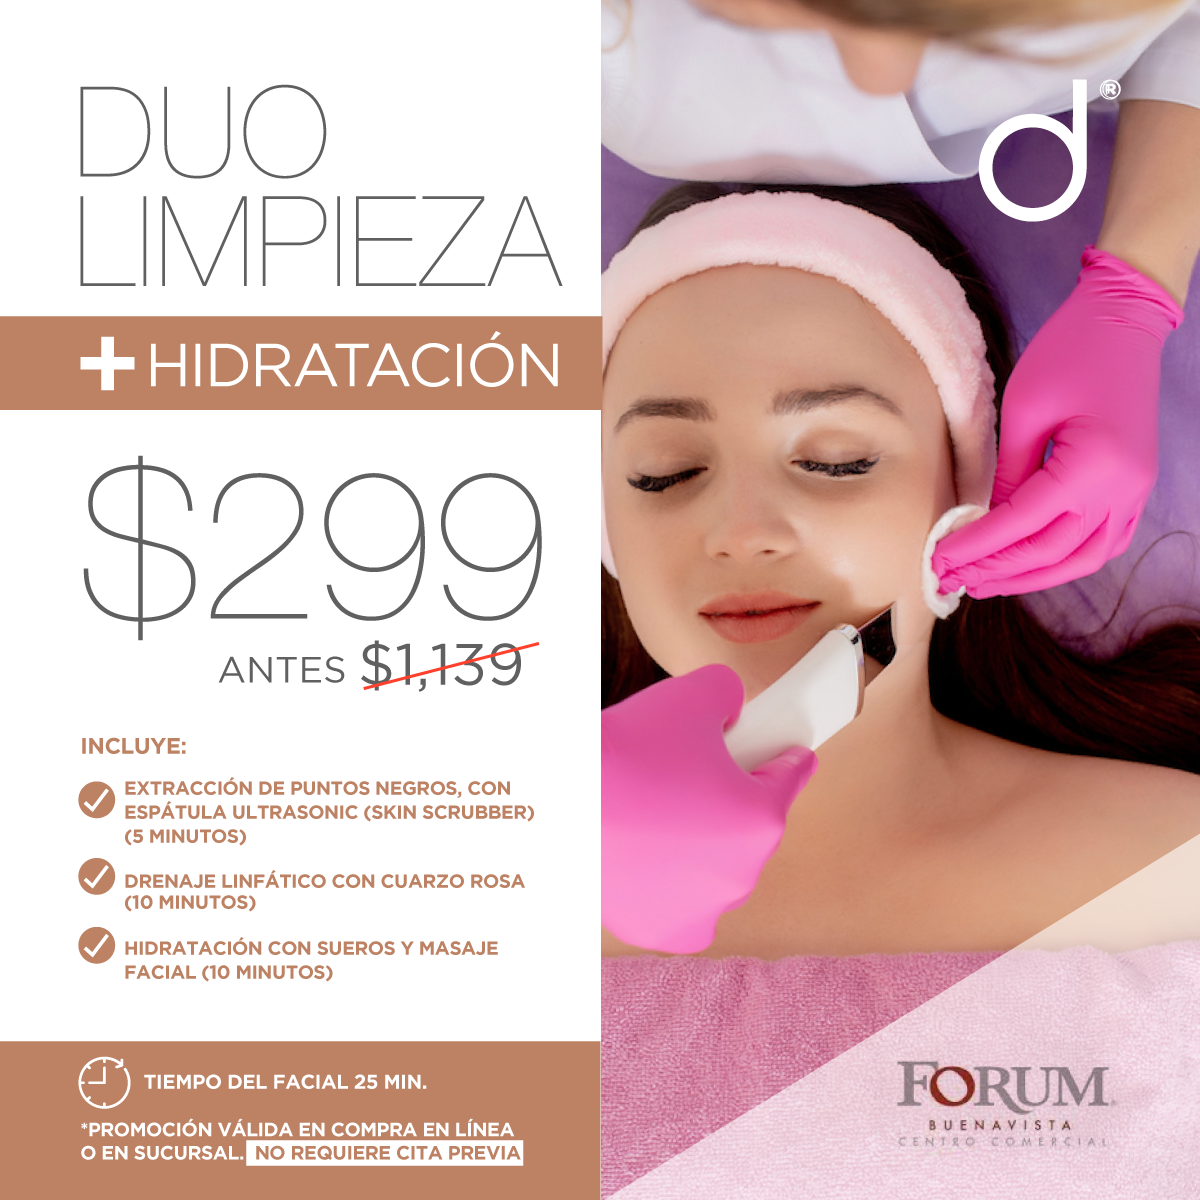 Facial Duo Limpieza + Hidratación- SÓLO FORUM BUENAVISTA&w=900&h=900&fit=crop